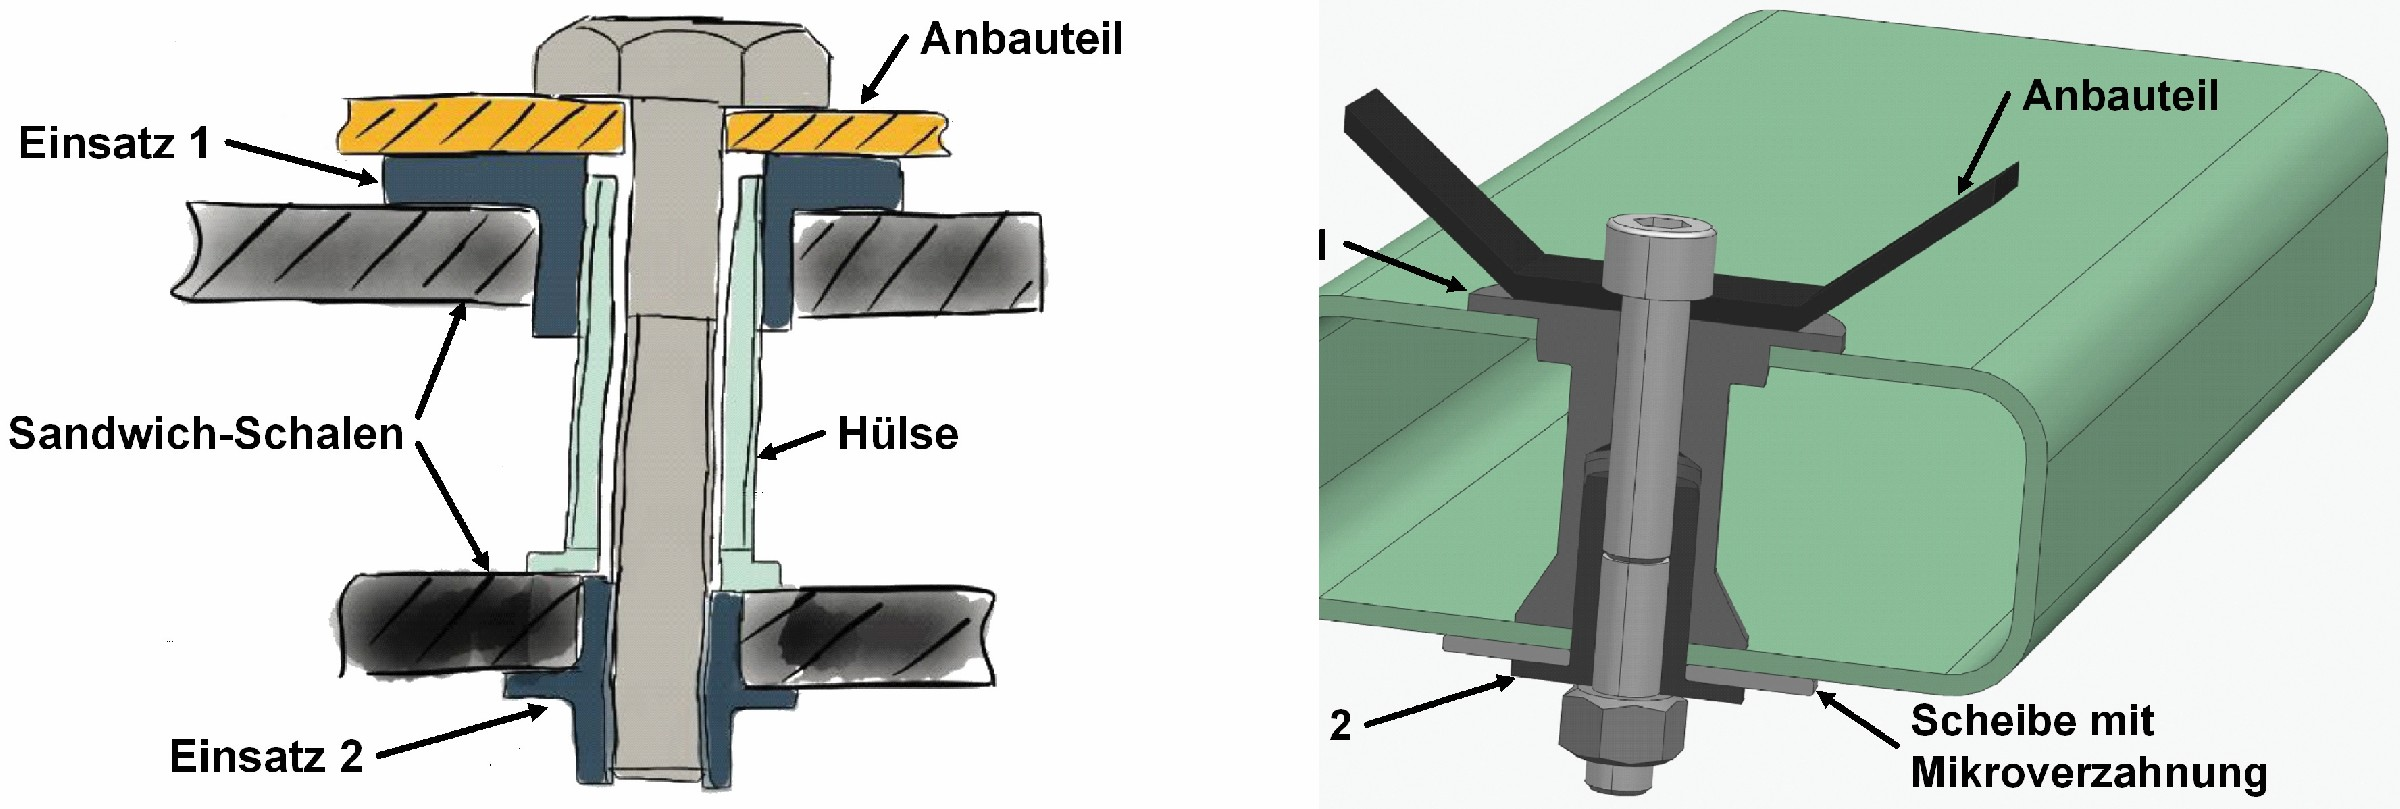 Bild 5: Konzeptdarstellung (links); CAD-Modell für die Prototypenfertigung (rechts). (Bild: BMW AG)